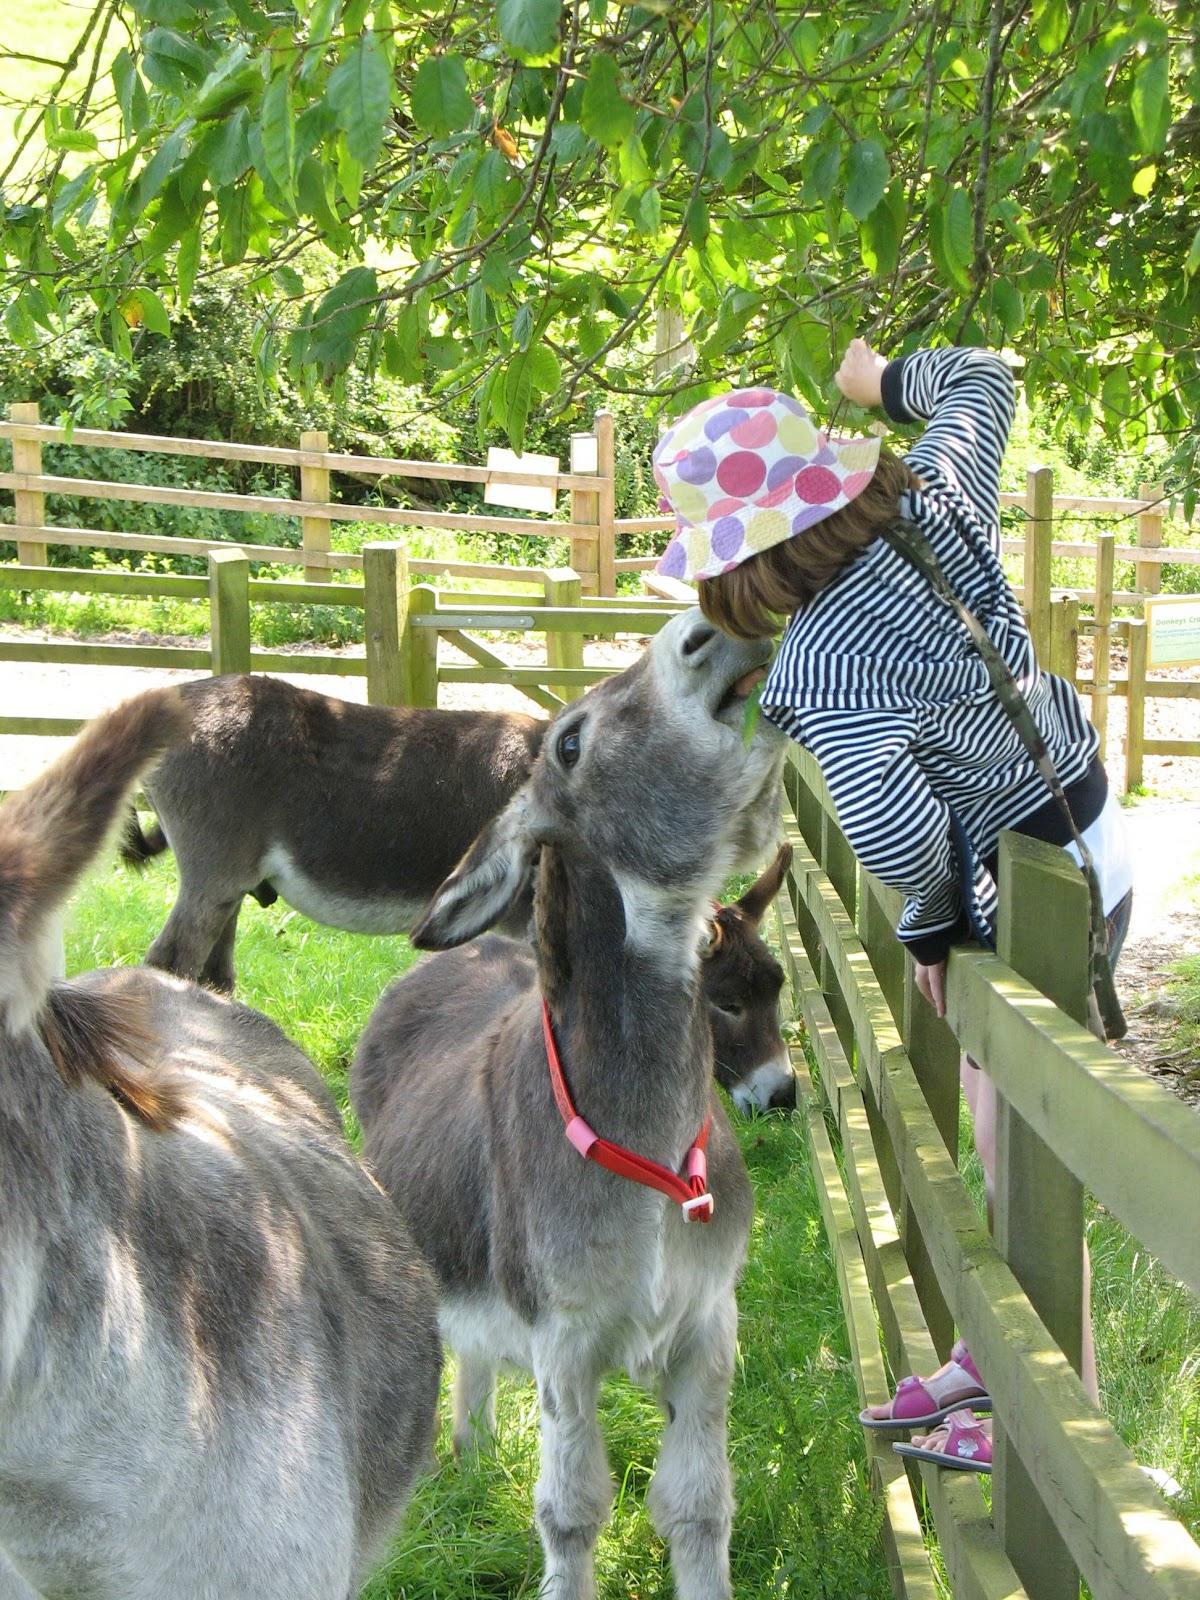 tawny donkey